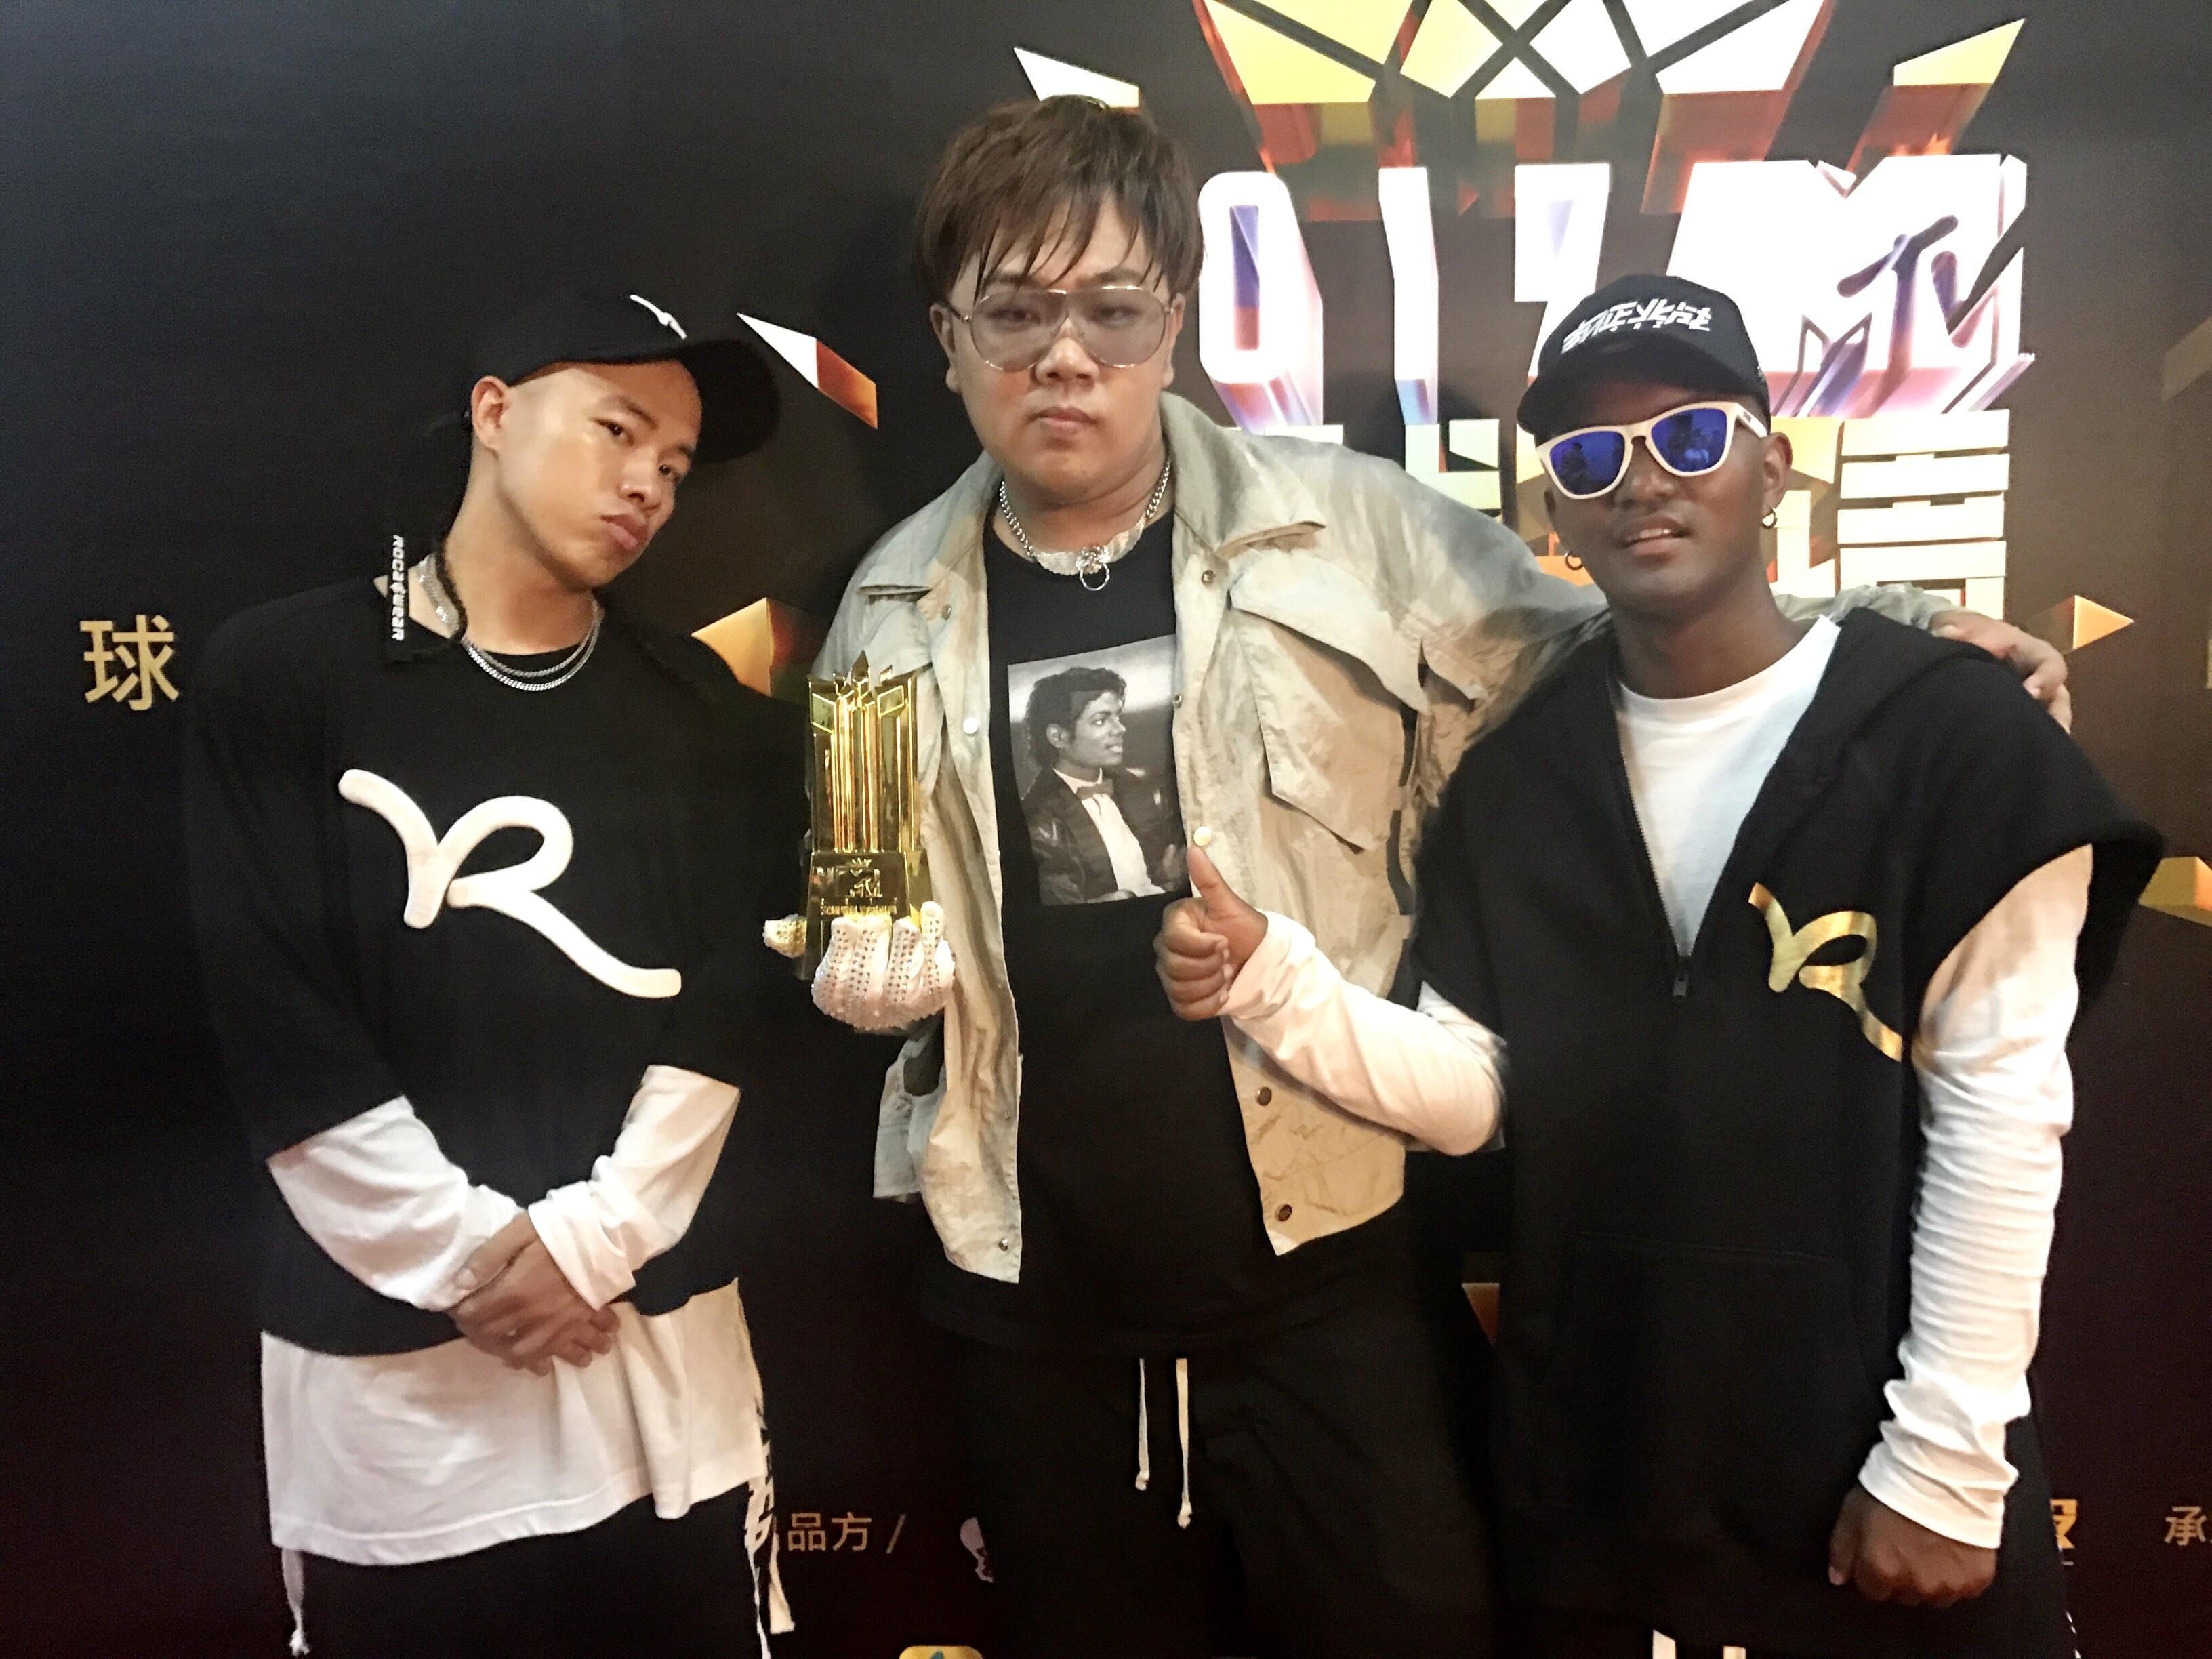 南征北战NZBZ荣获MTV音乐盛典最佳原创组合